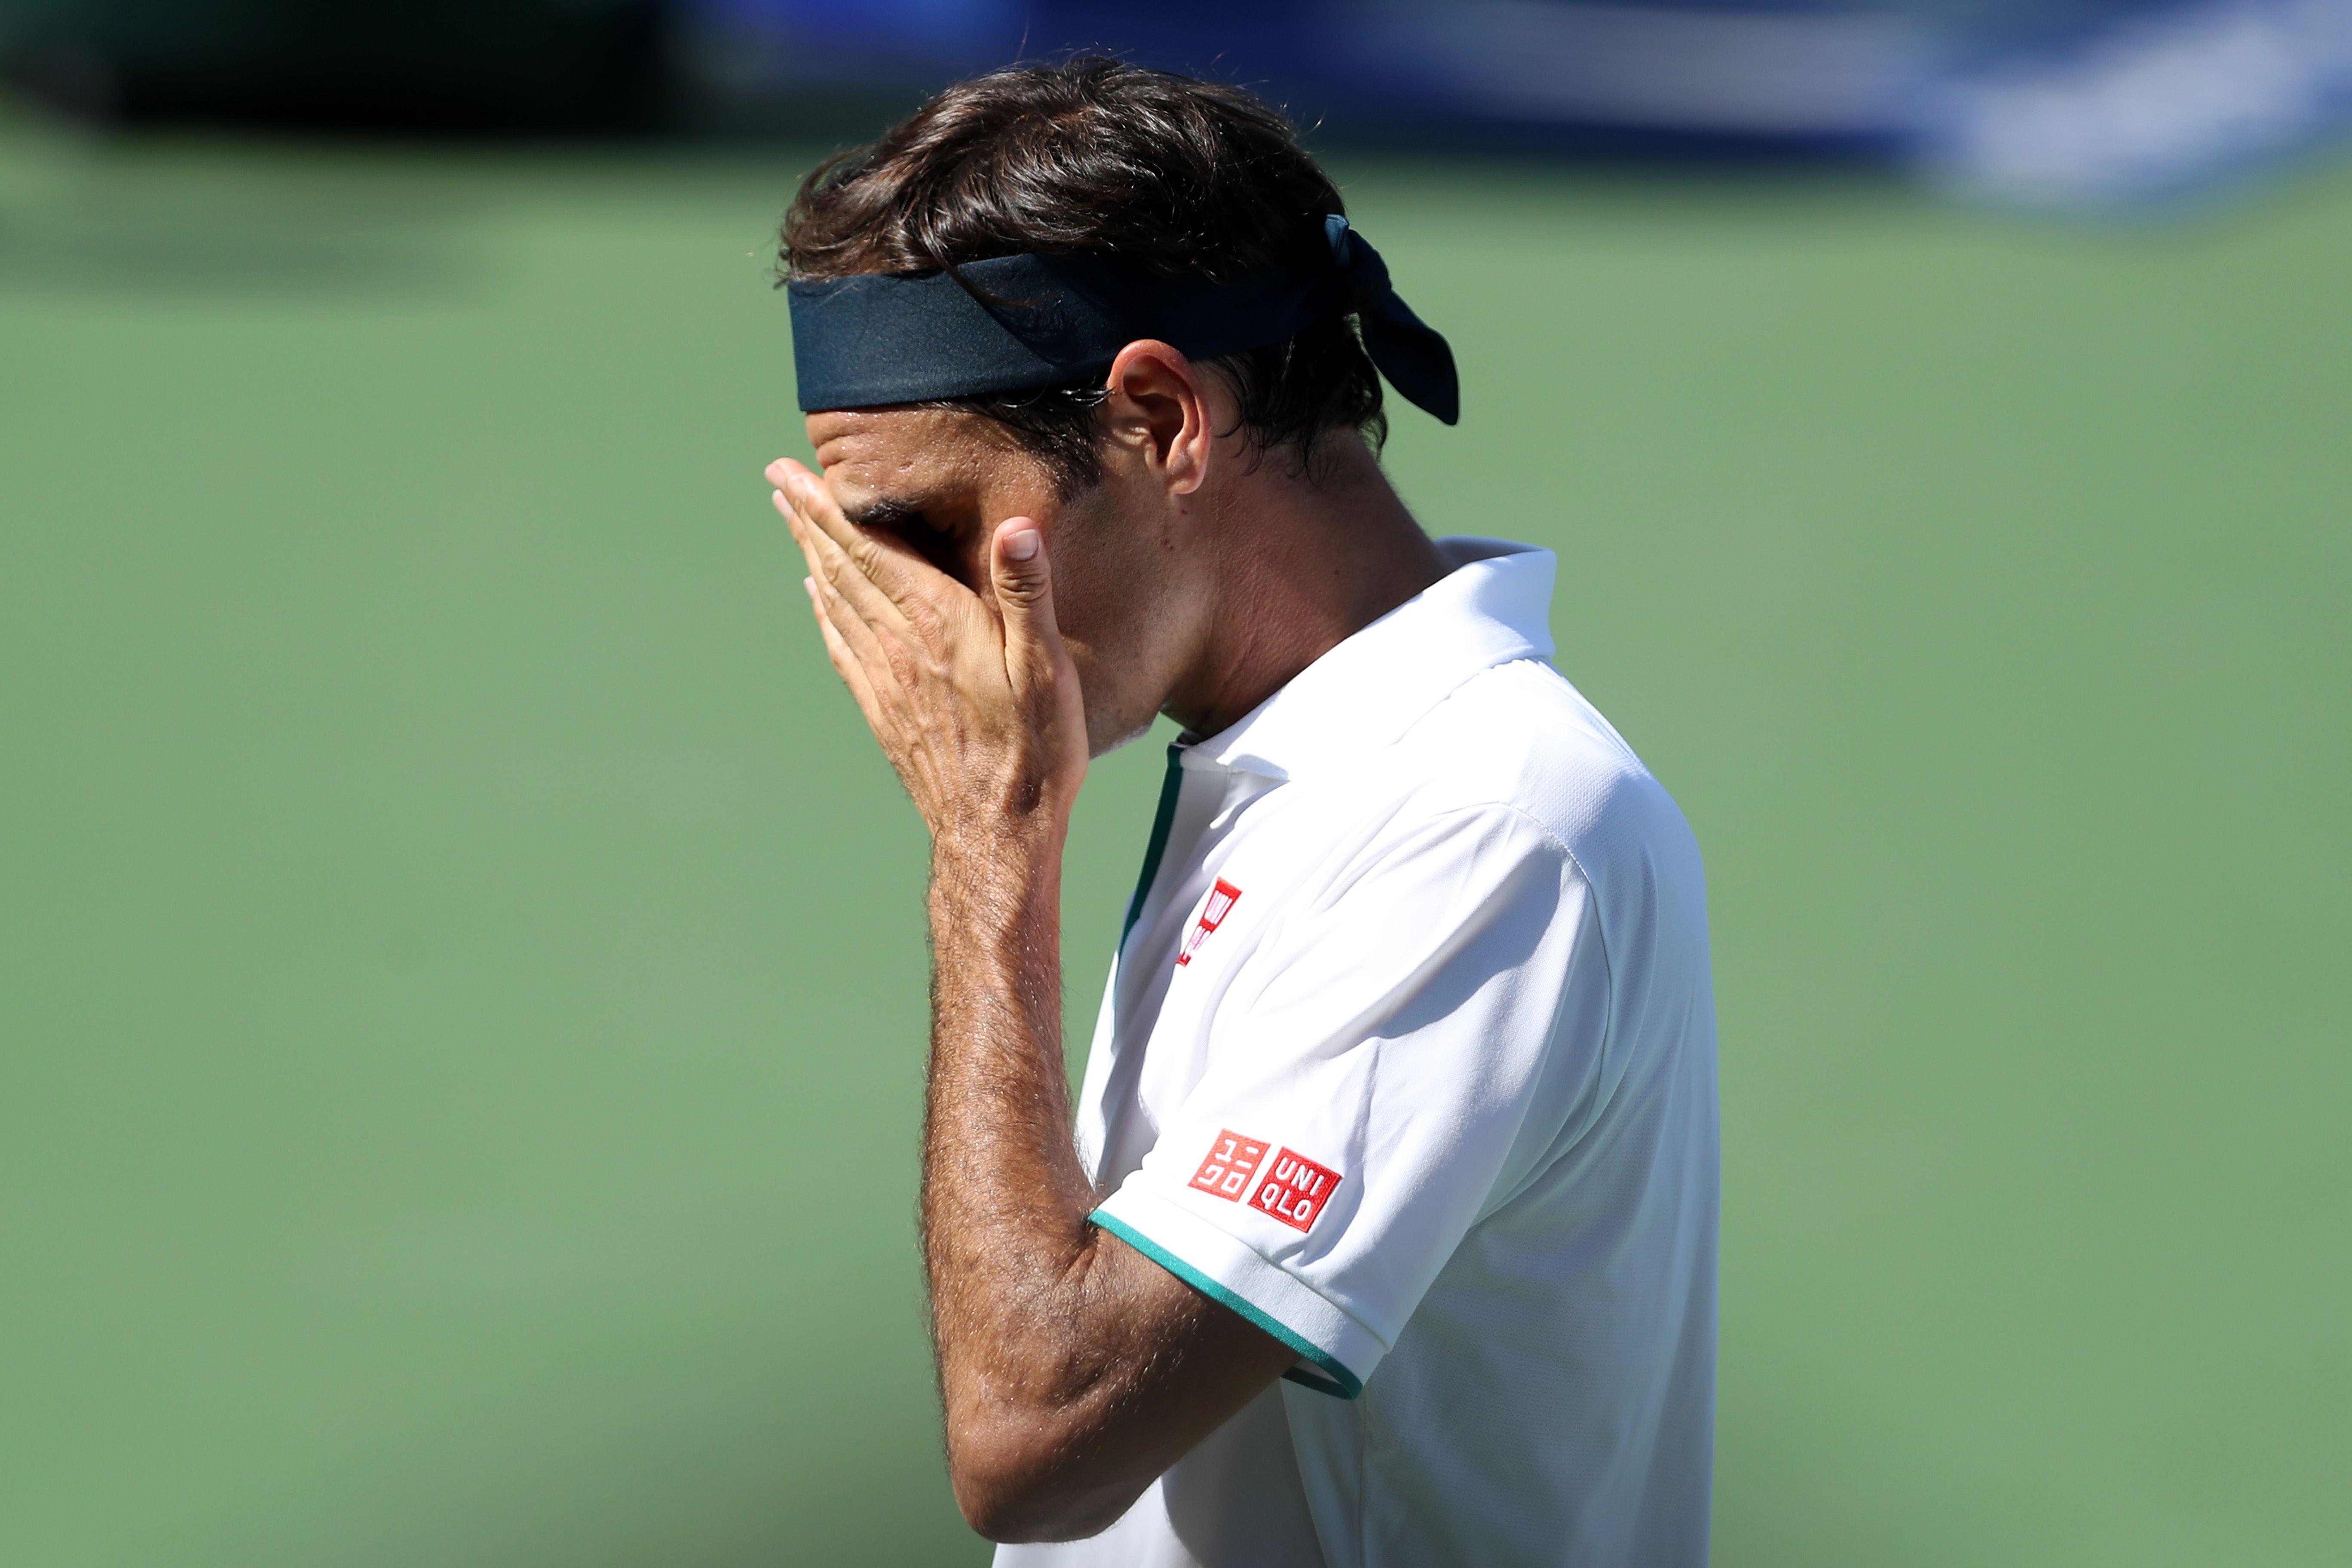 Tennis - ATP - Cincinnati : Federer prend la porte, Pouille défie Djokovic